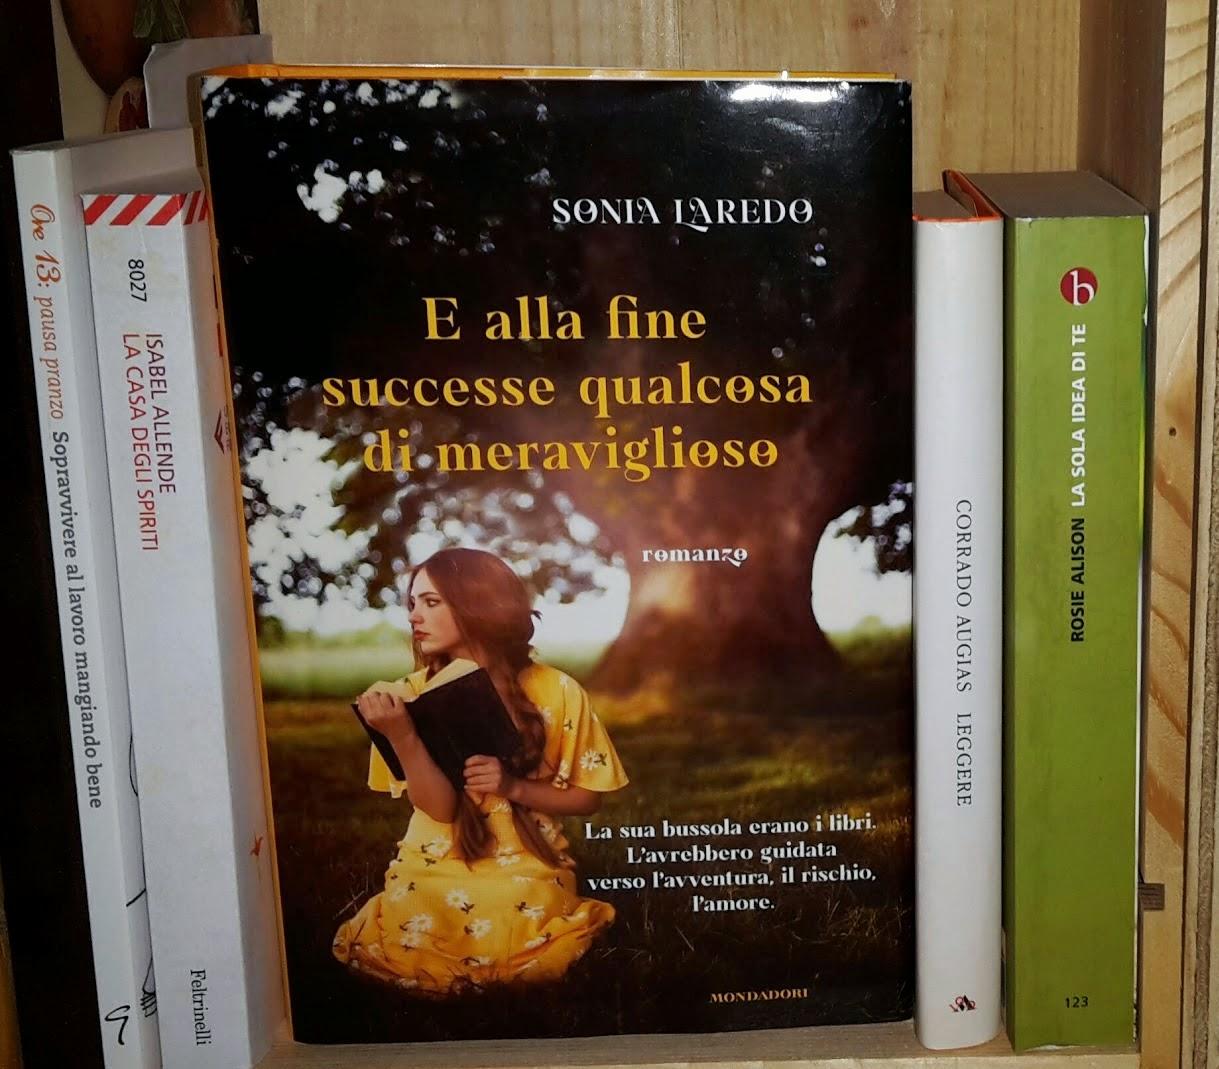 romanzo Sonia Laredo libro che parla di libri Mondadori